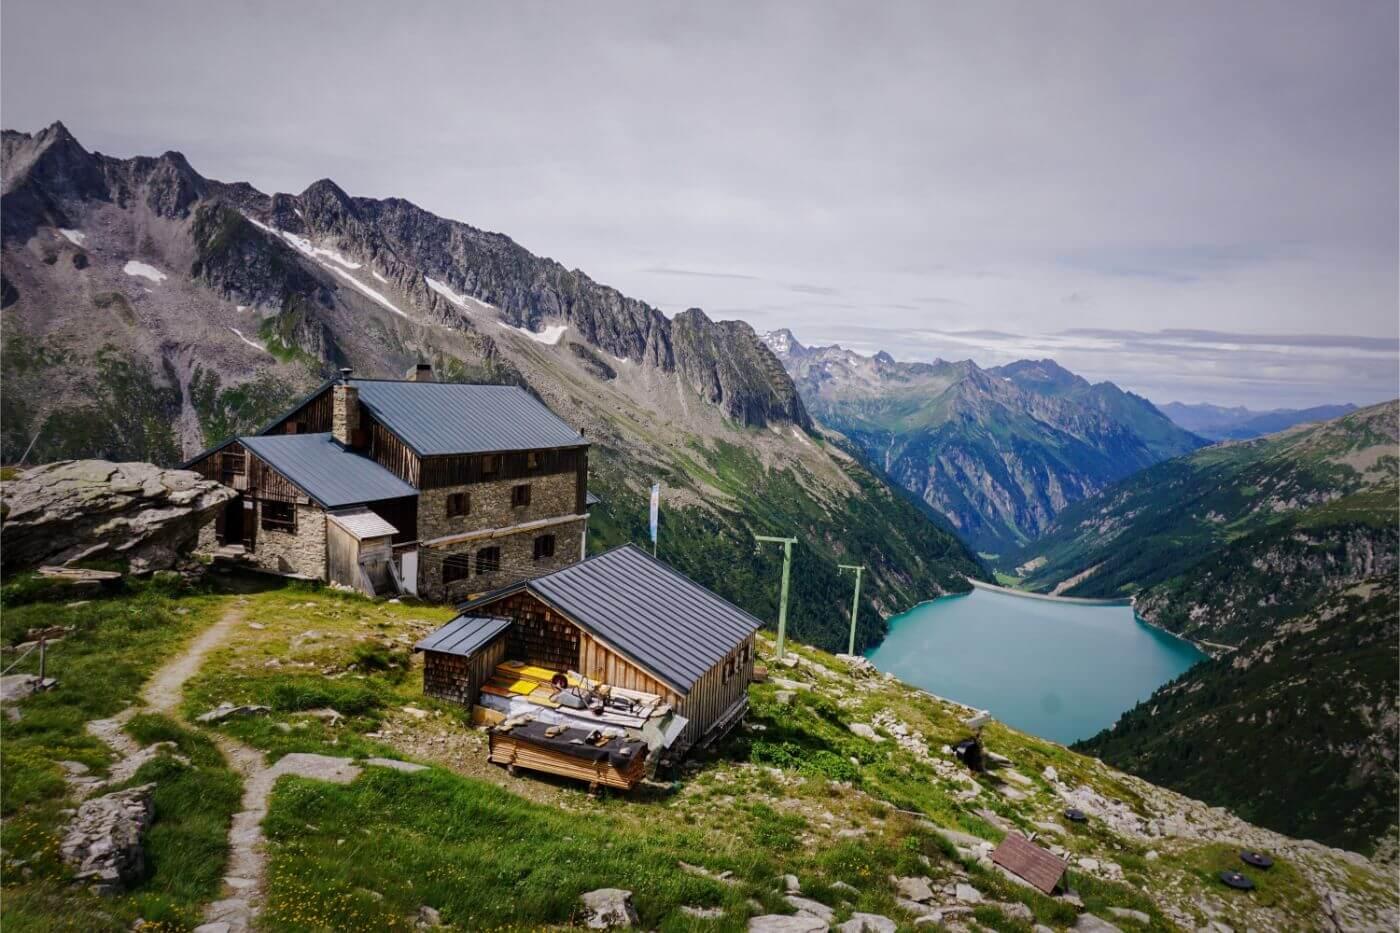 Plauener Mountain Hut Hike, Mayrhofen in Summer, Austria